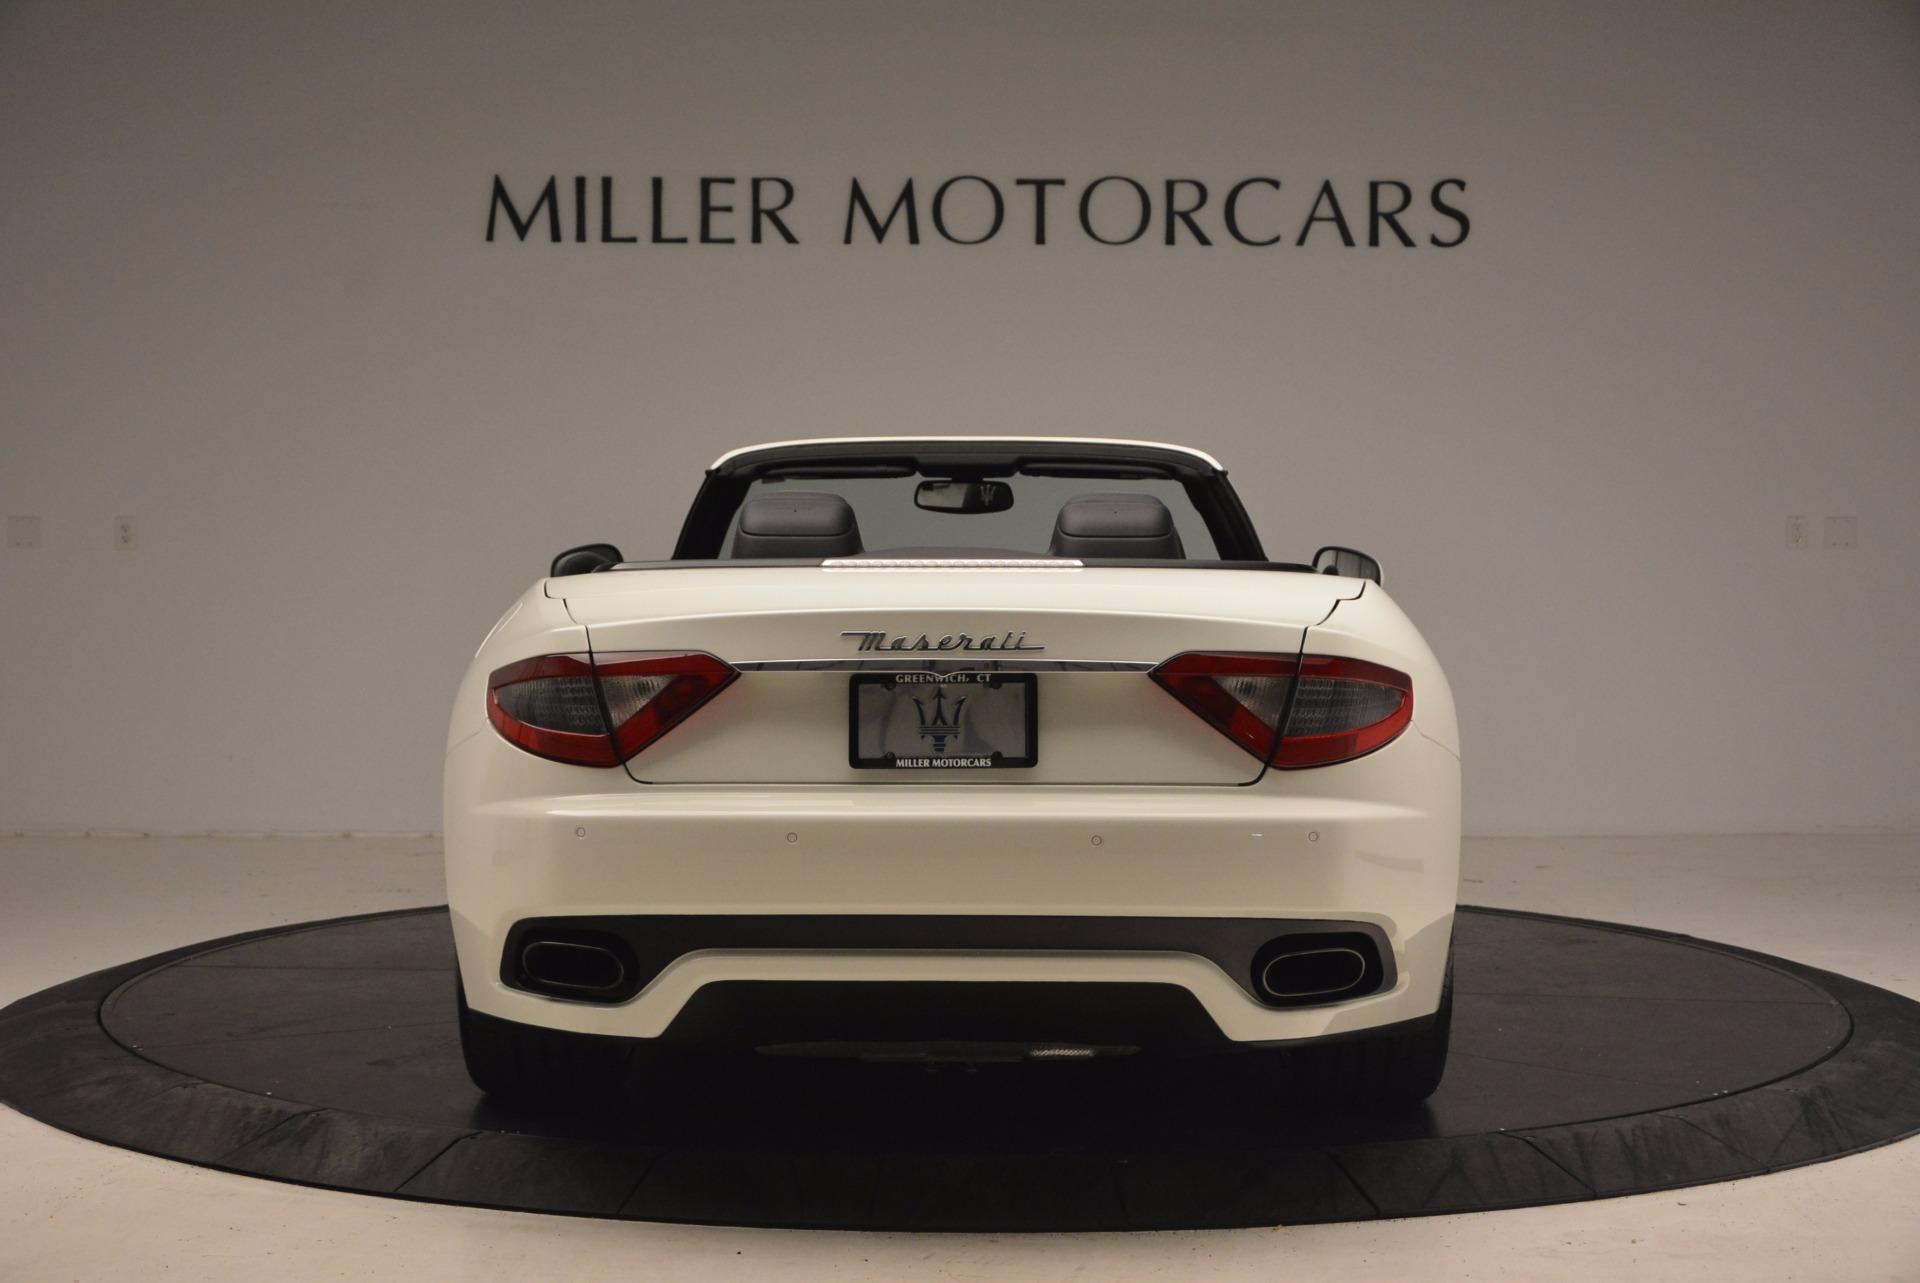 Used 2016 Maserati GranTurismo Sport For Sale In Greenwich, CT 1278_p6